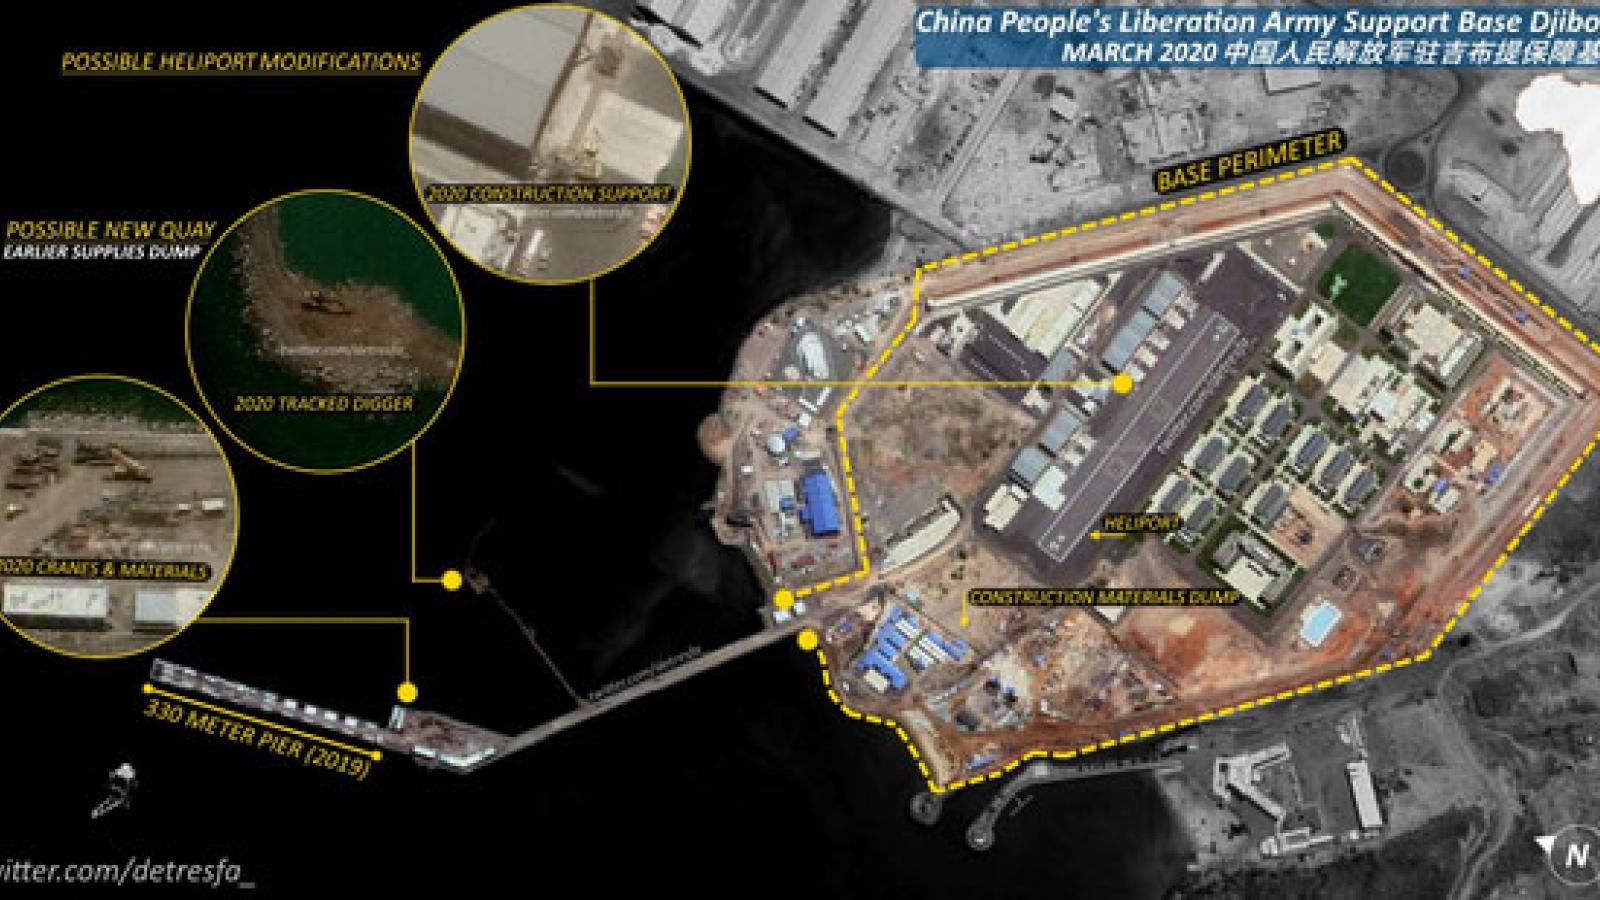 Trung Quốc muốn xây dựng căn cứ hải quân lớn ở Đại Tây Dương